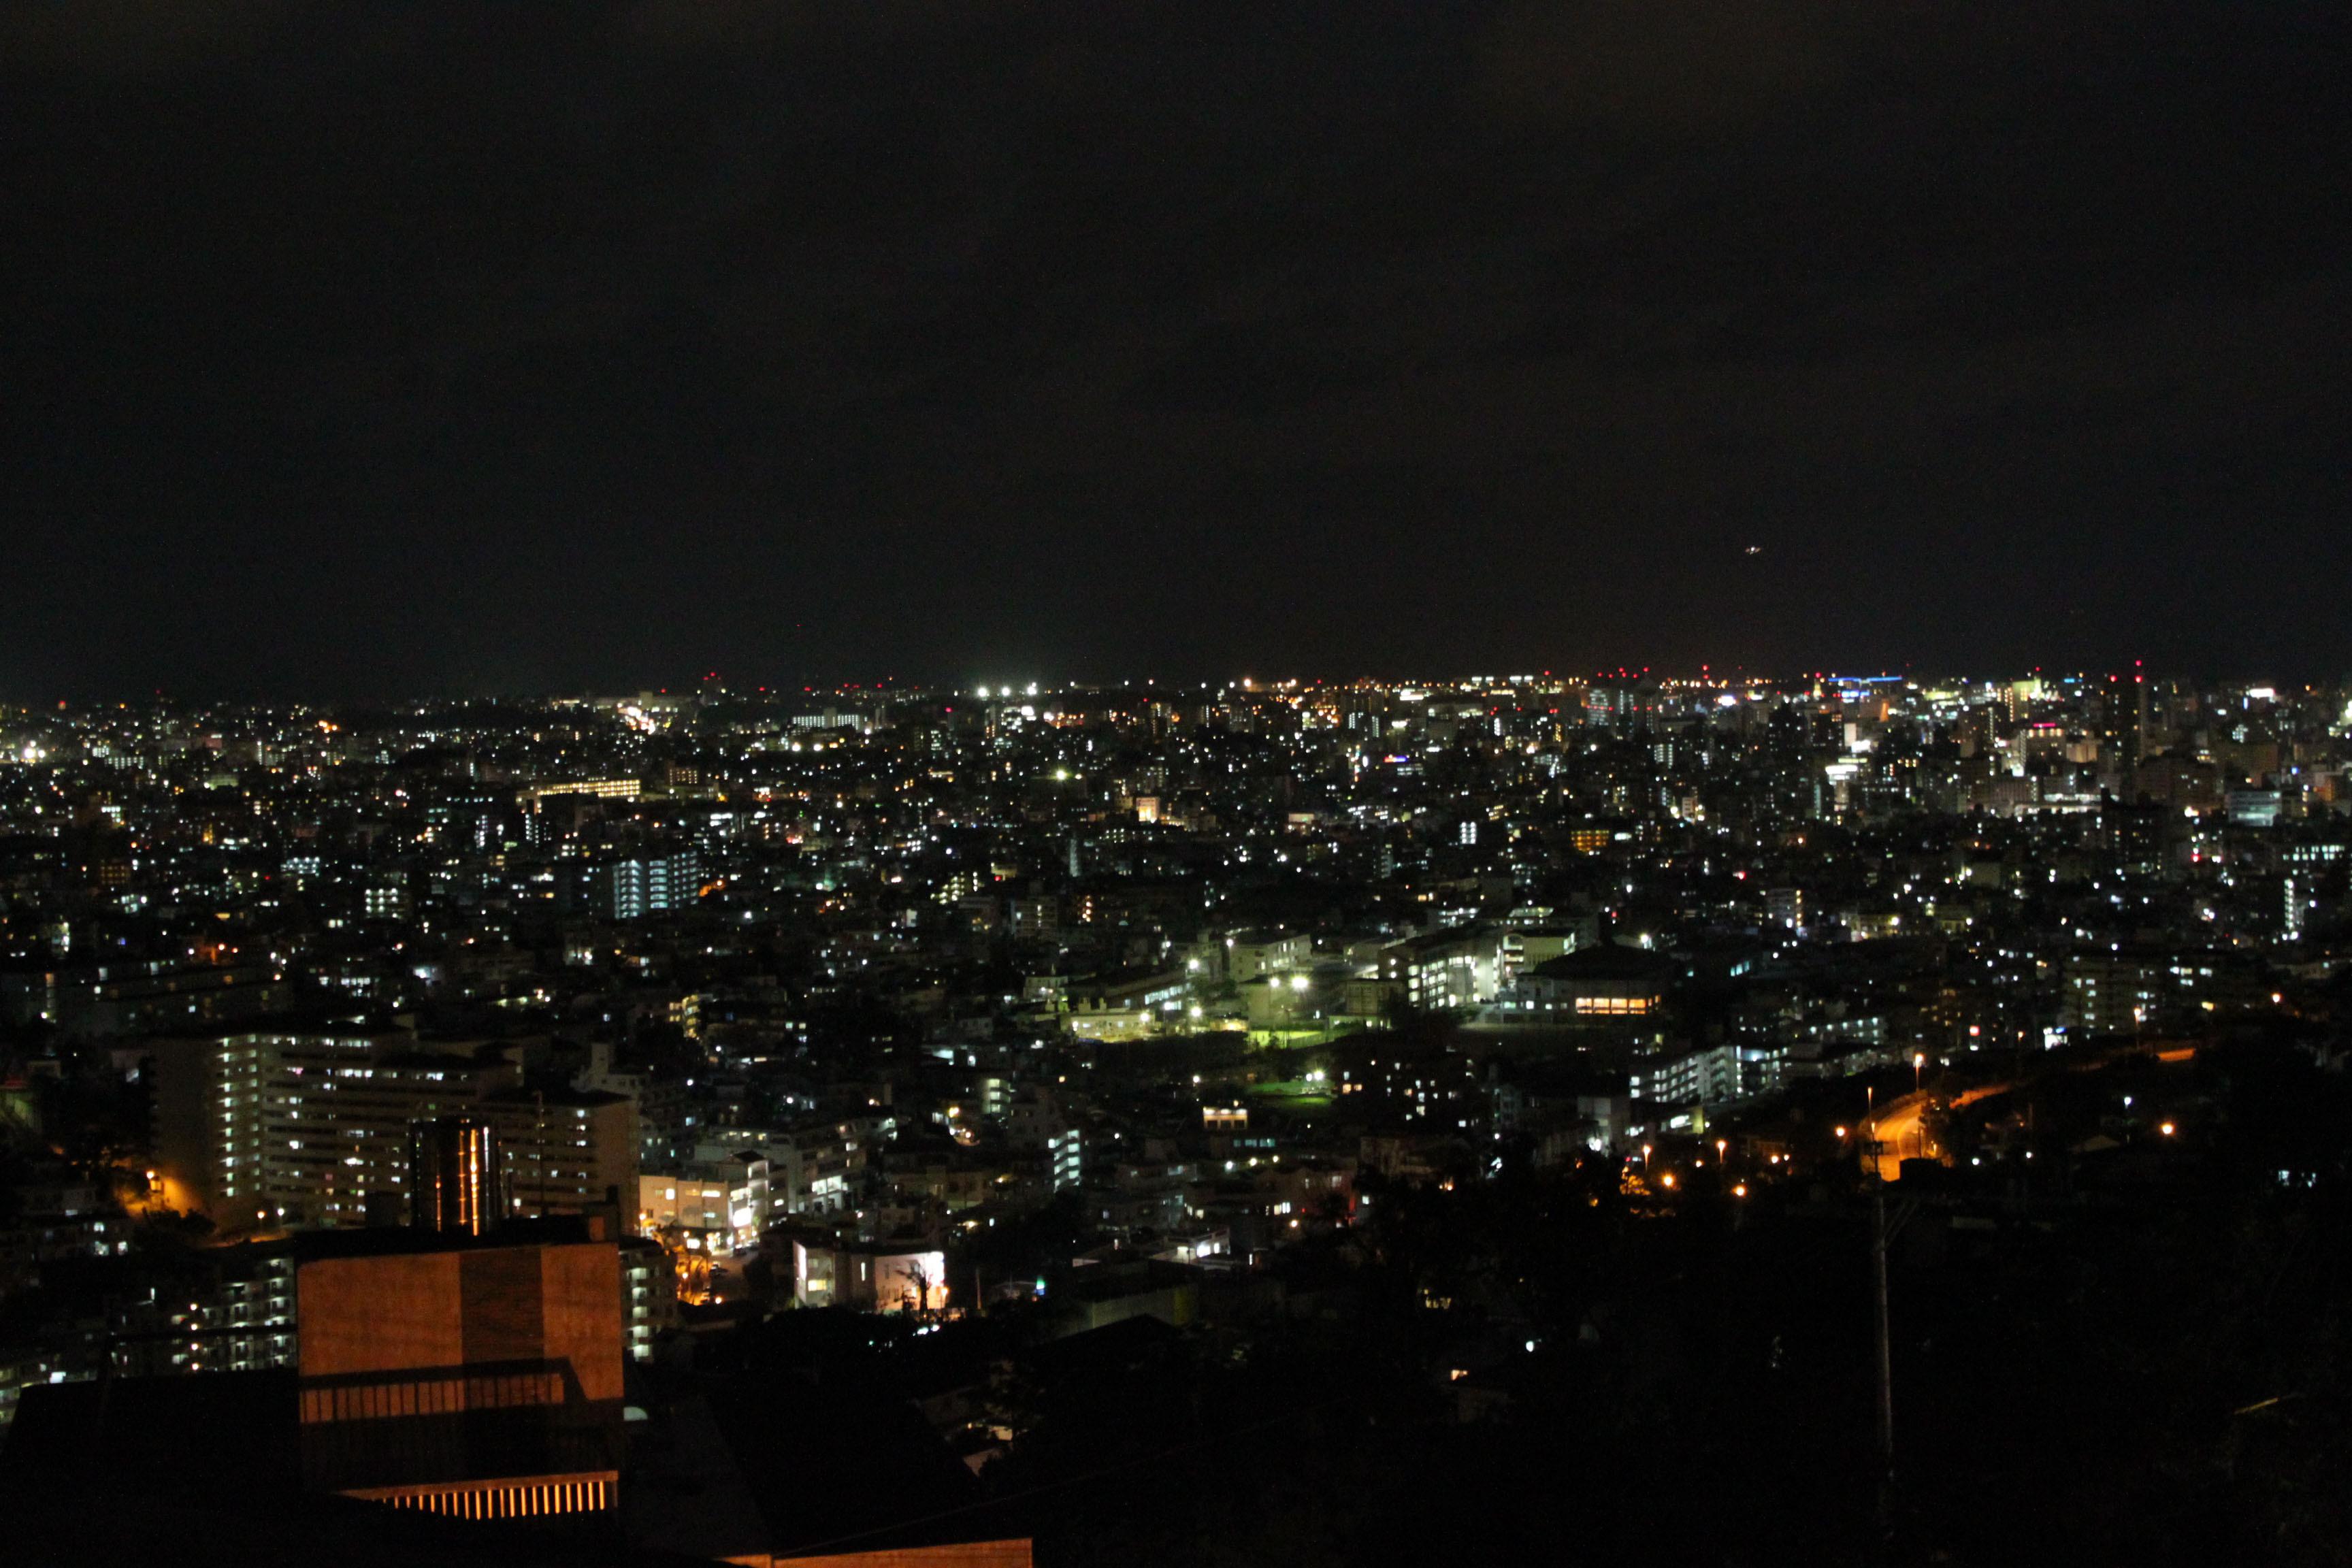 首里城公園 西のアザナから見晴らす那覇市街の街明かり